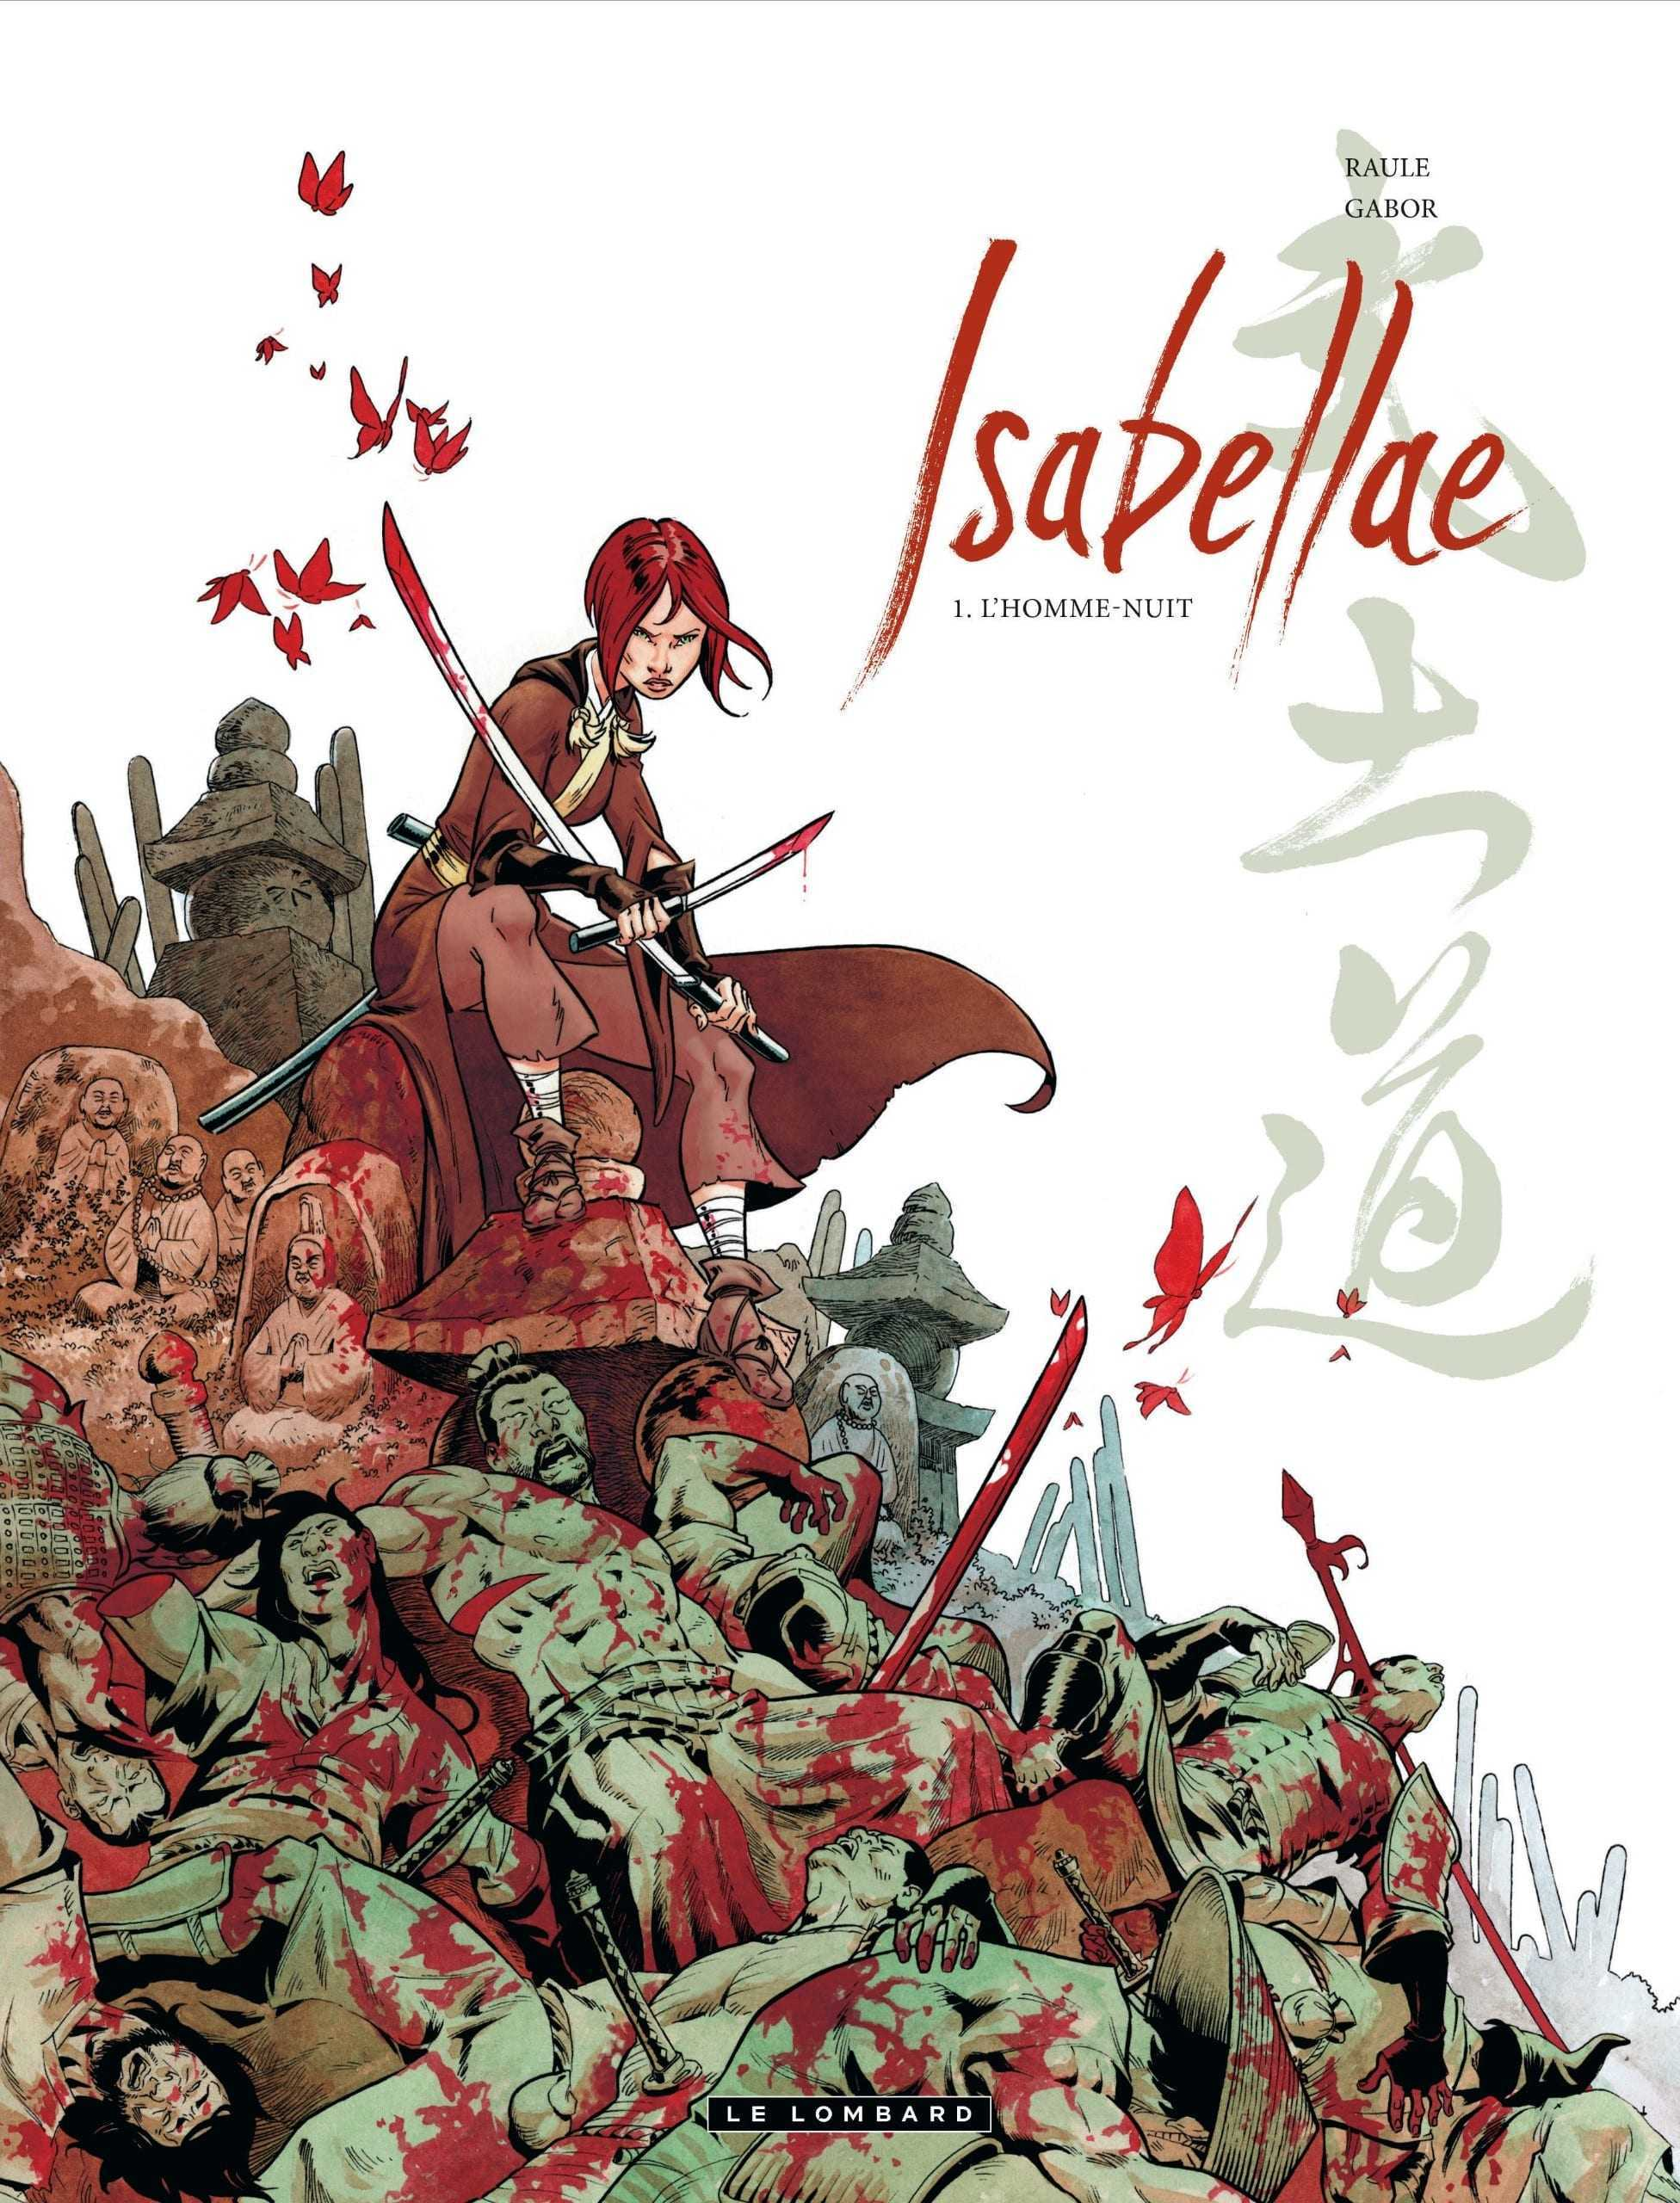 Isabellae, une sanglante histoire de famille dans le Japon médiéval